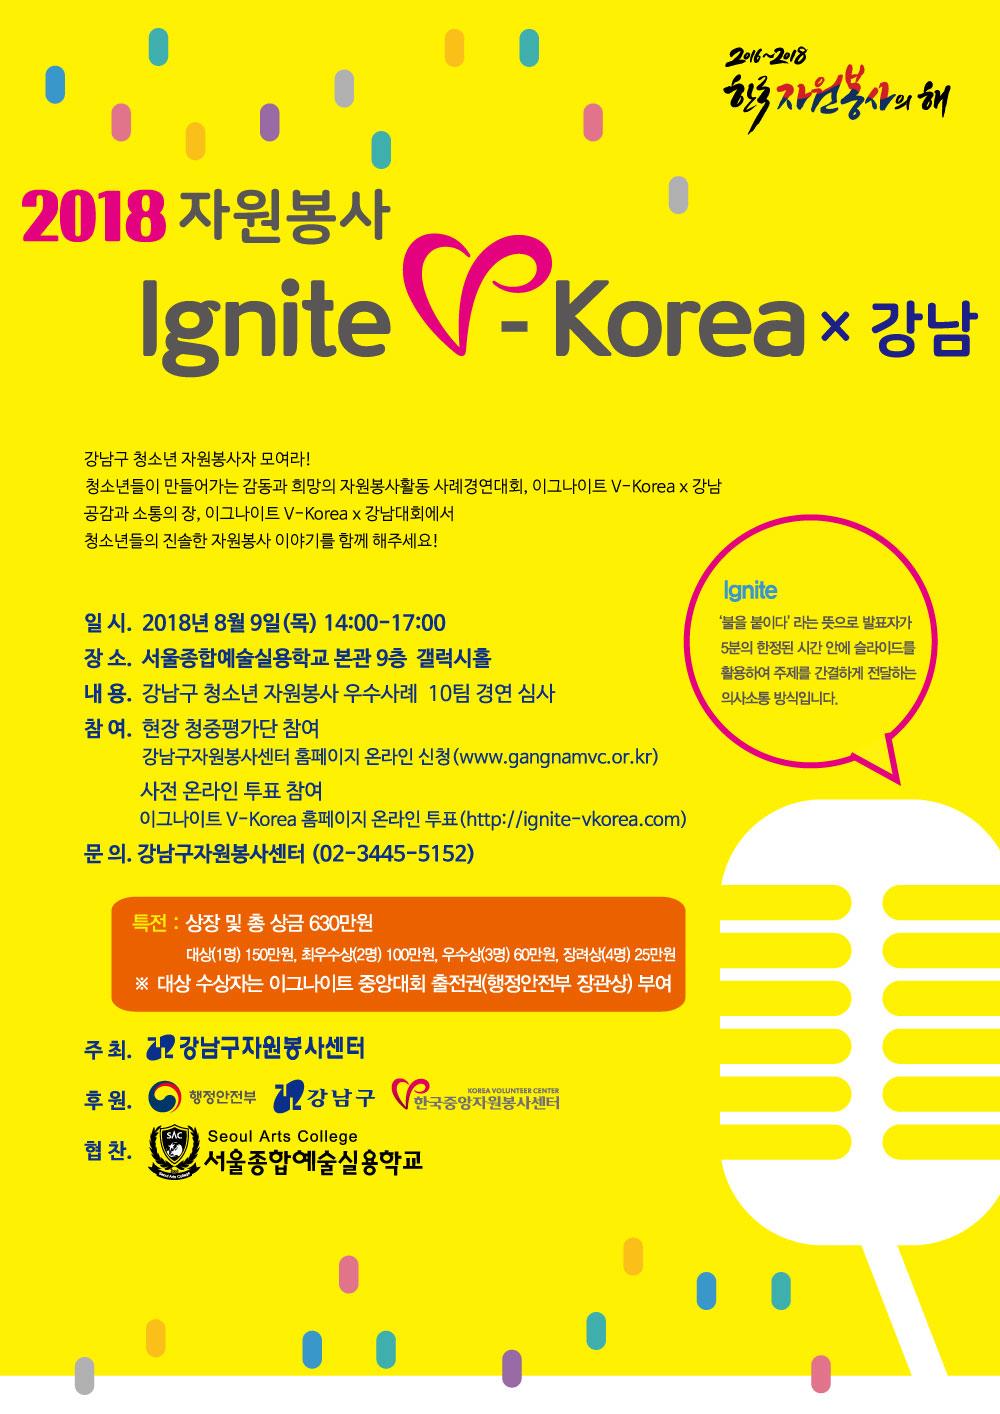 [유관기관홍보] 2018 자원봉사 이그나이트 V-Korea X 강남